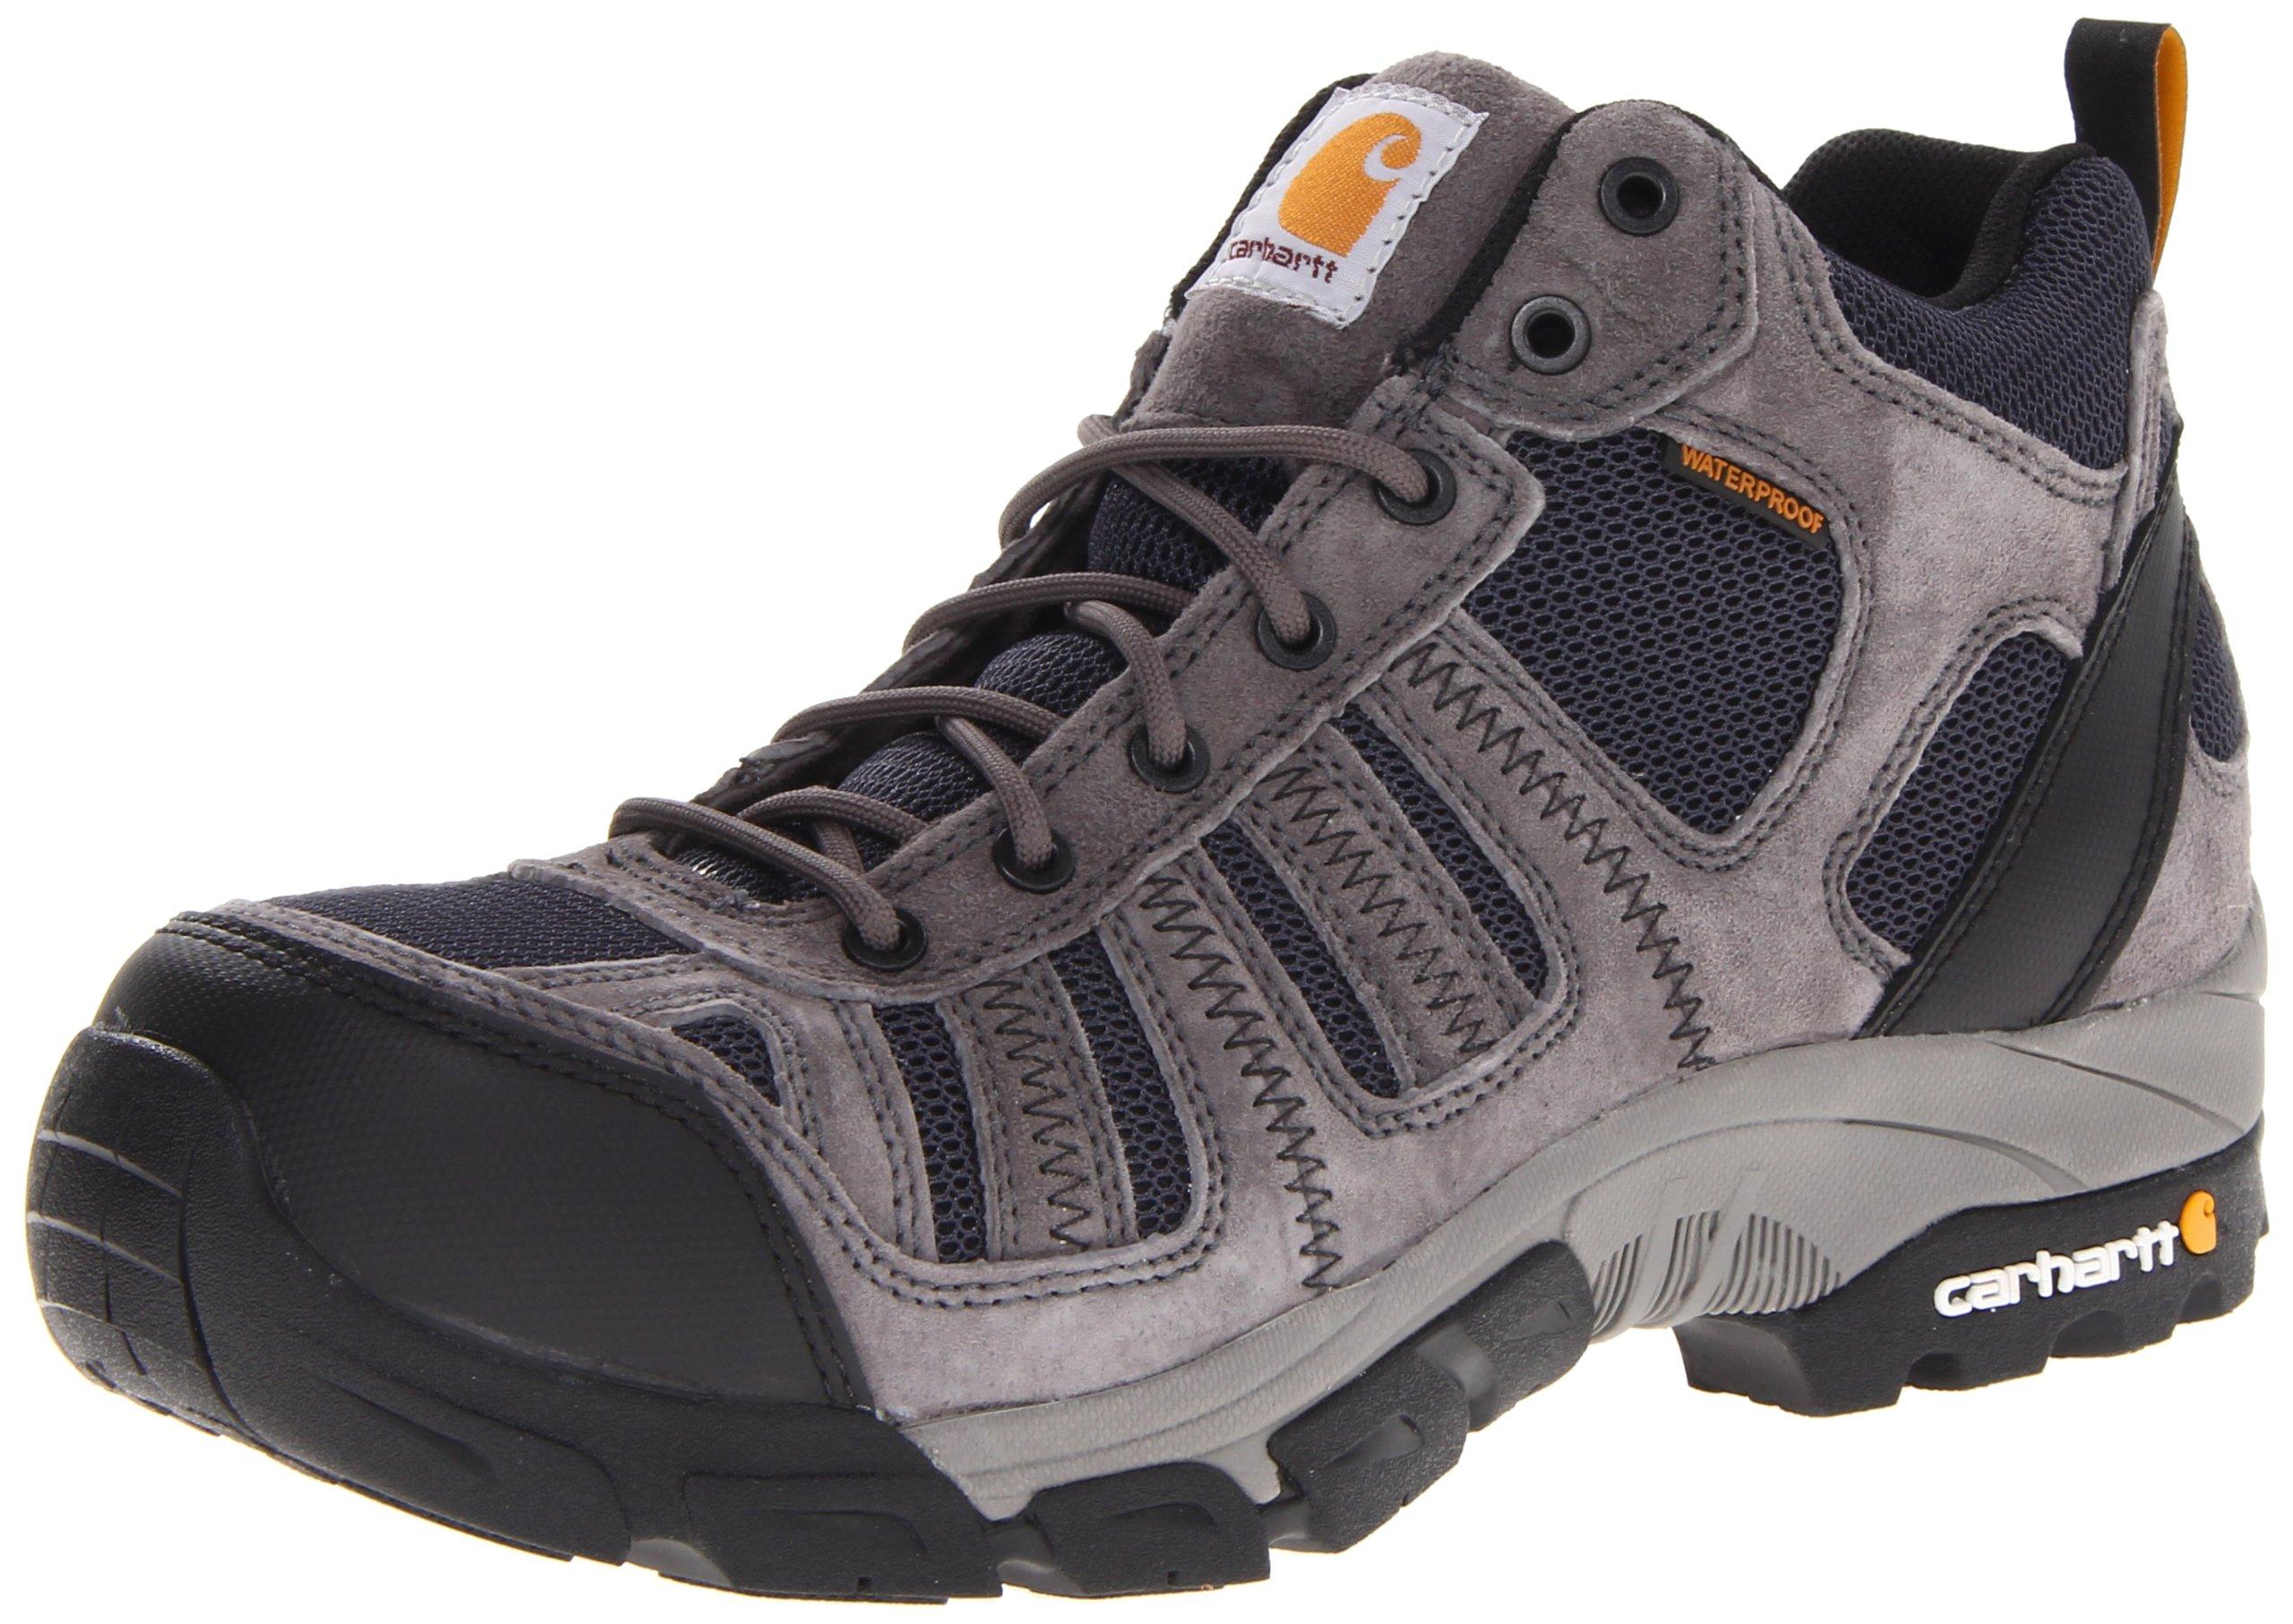 Carhartt Men's 4'' Lightweight Waterproof Composite Toe Work Hiker Boot CMH4375,Grey Suede/Navy Nylon,10.5 M US